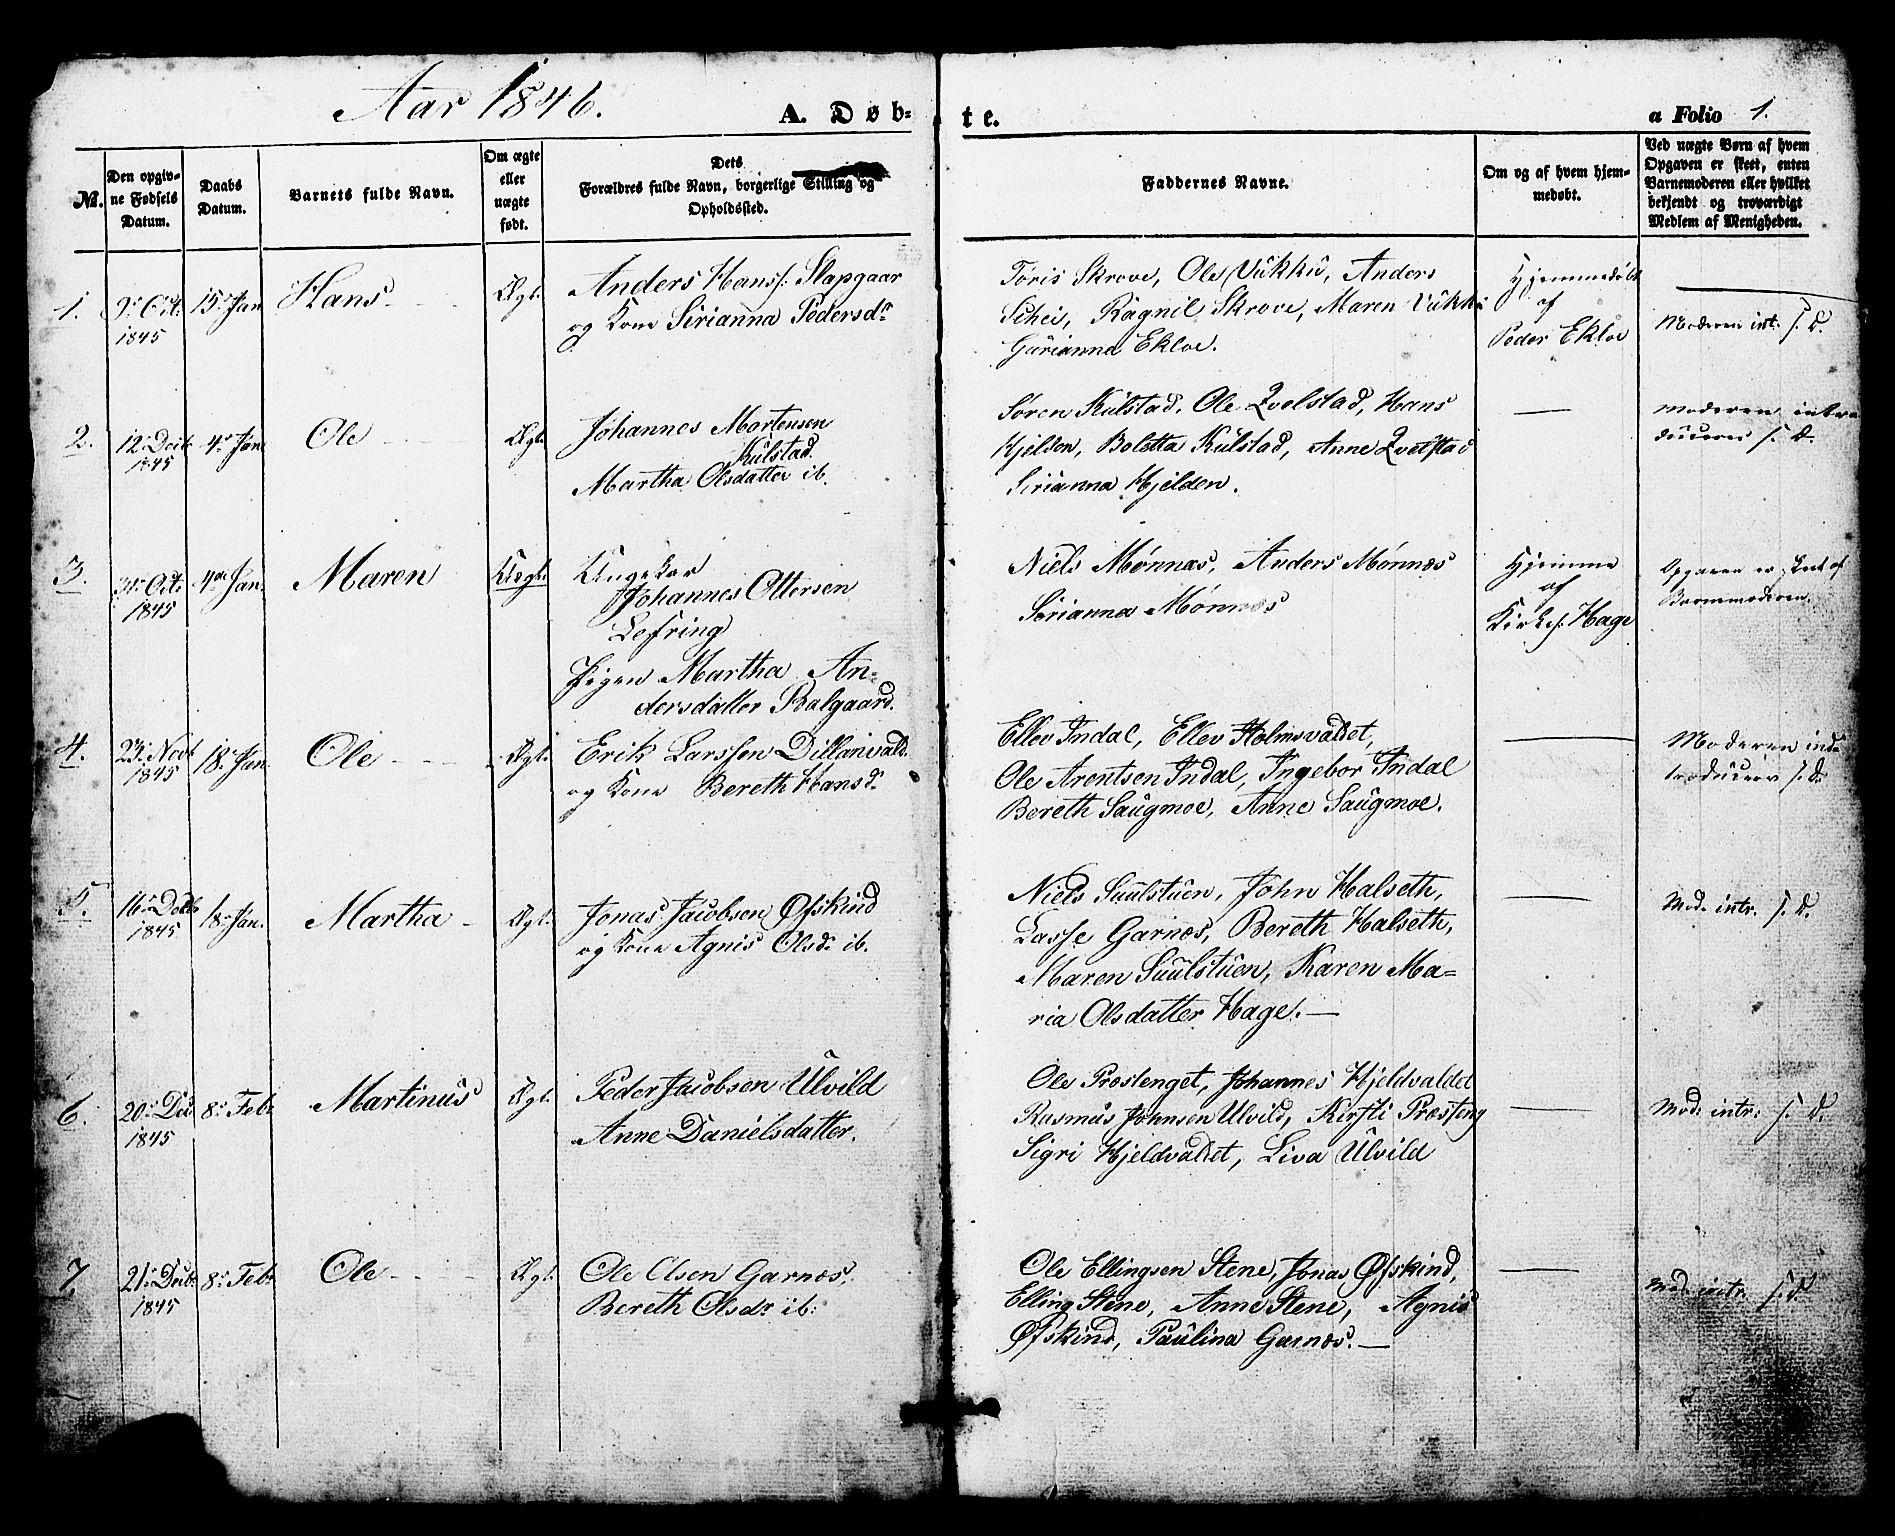 SAT, Ministerialprotokoller, klokkerbøker og fødselsregistre - Nord-Trøndelag, 724/L0268: Klokkerbok nr. 724C04, 1846-1878, s. 1